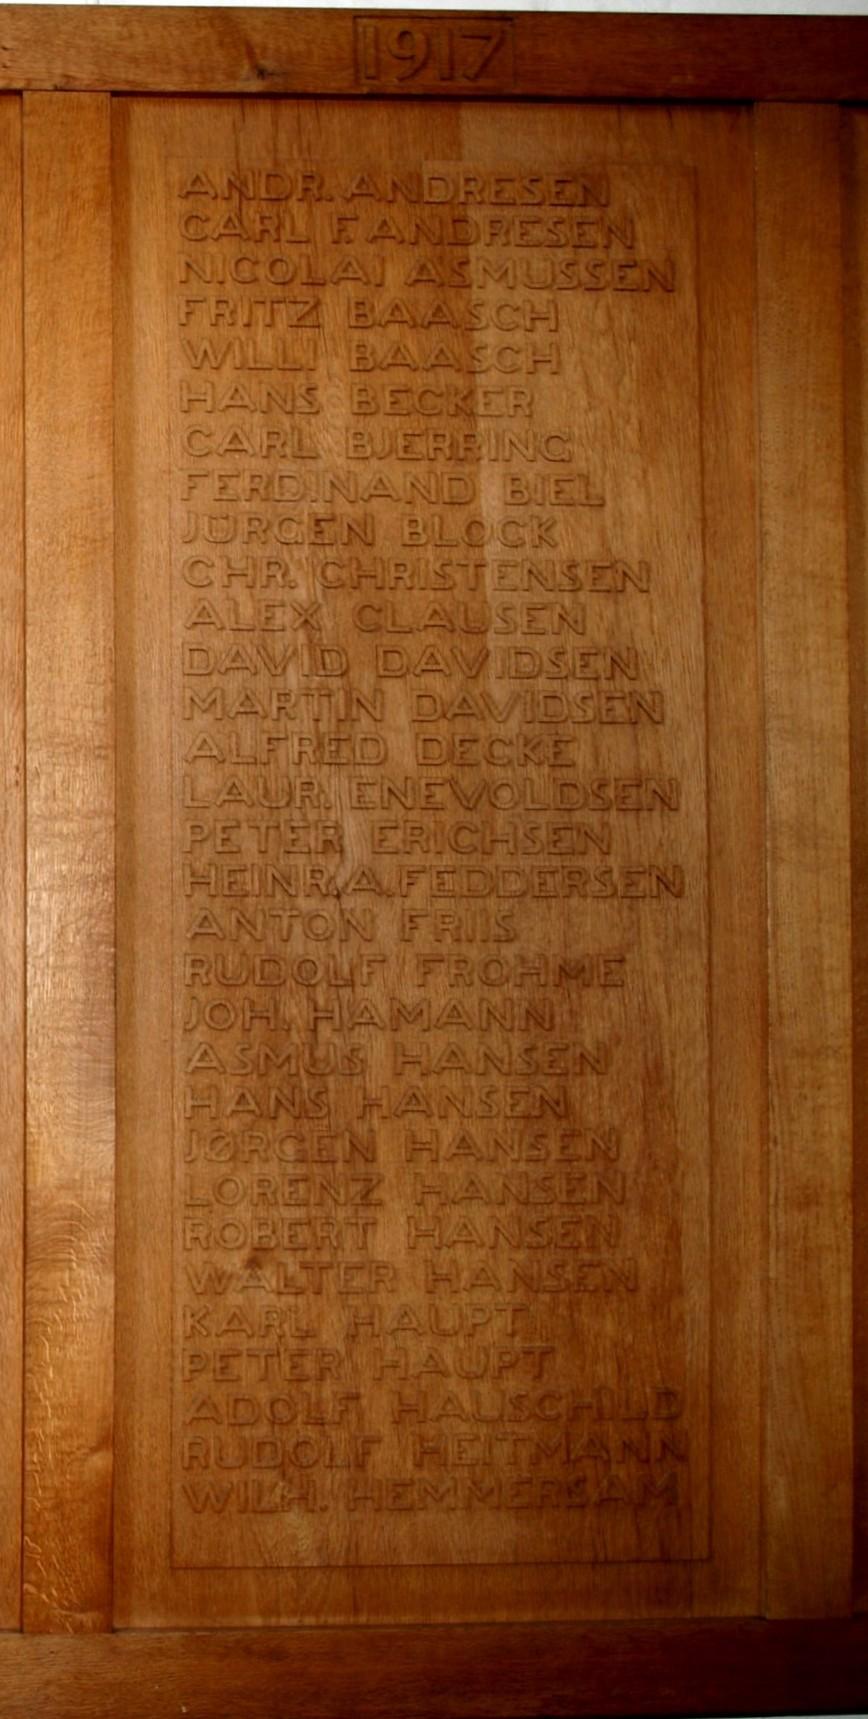 Del af mindetavle, Skt. Nicolai Kirke, Aabenraa